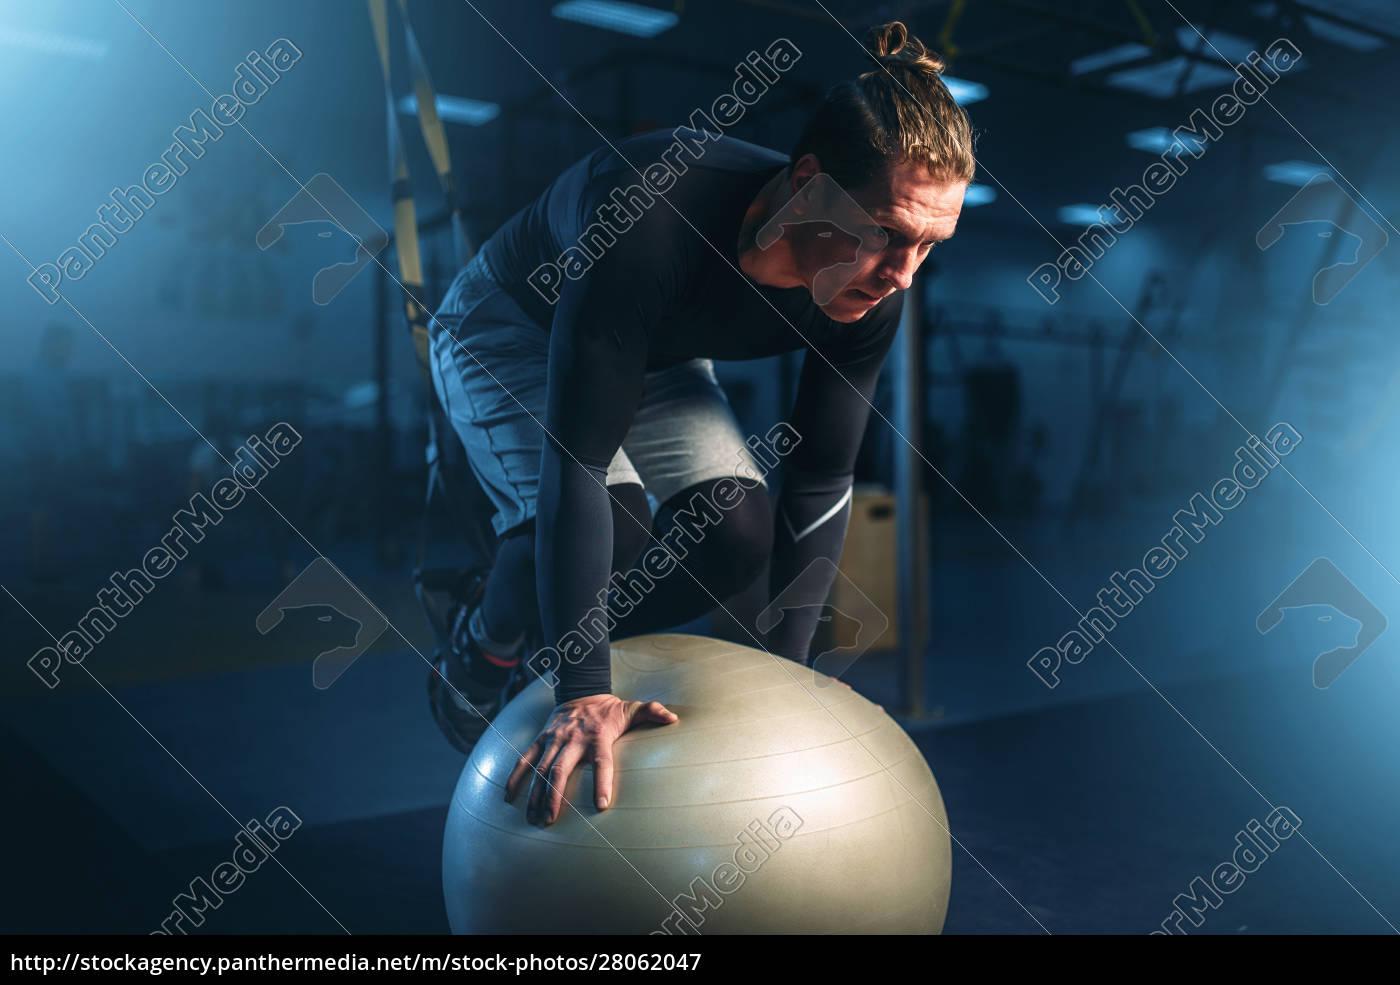 athletic, man, on, training, , balance, workout - 28062047